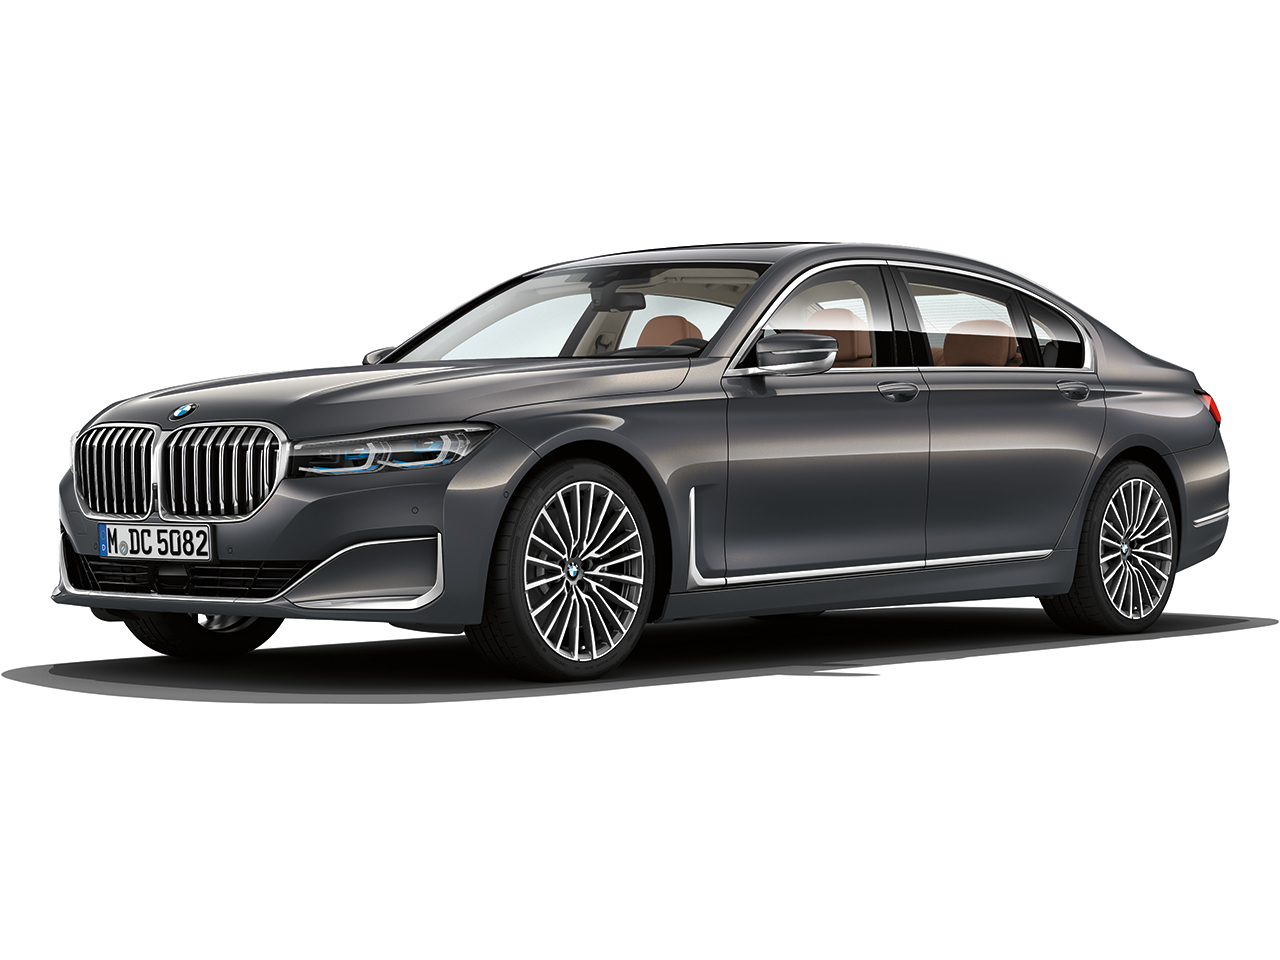 宝马豪华轿车_新BMW7系5月24日上市,宝马加强大型豪华车攻势|豪华车|宝马|攻势 ...